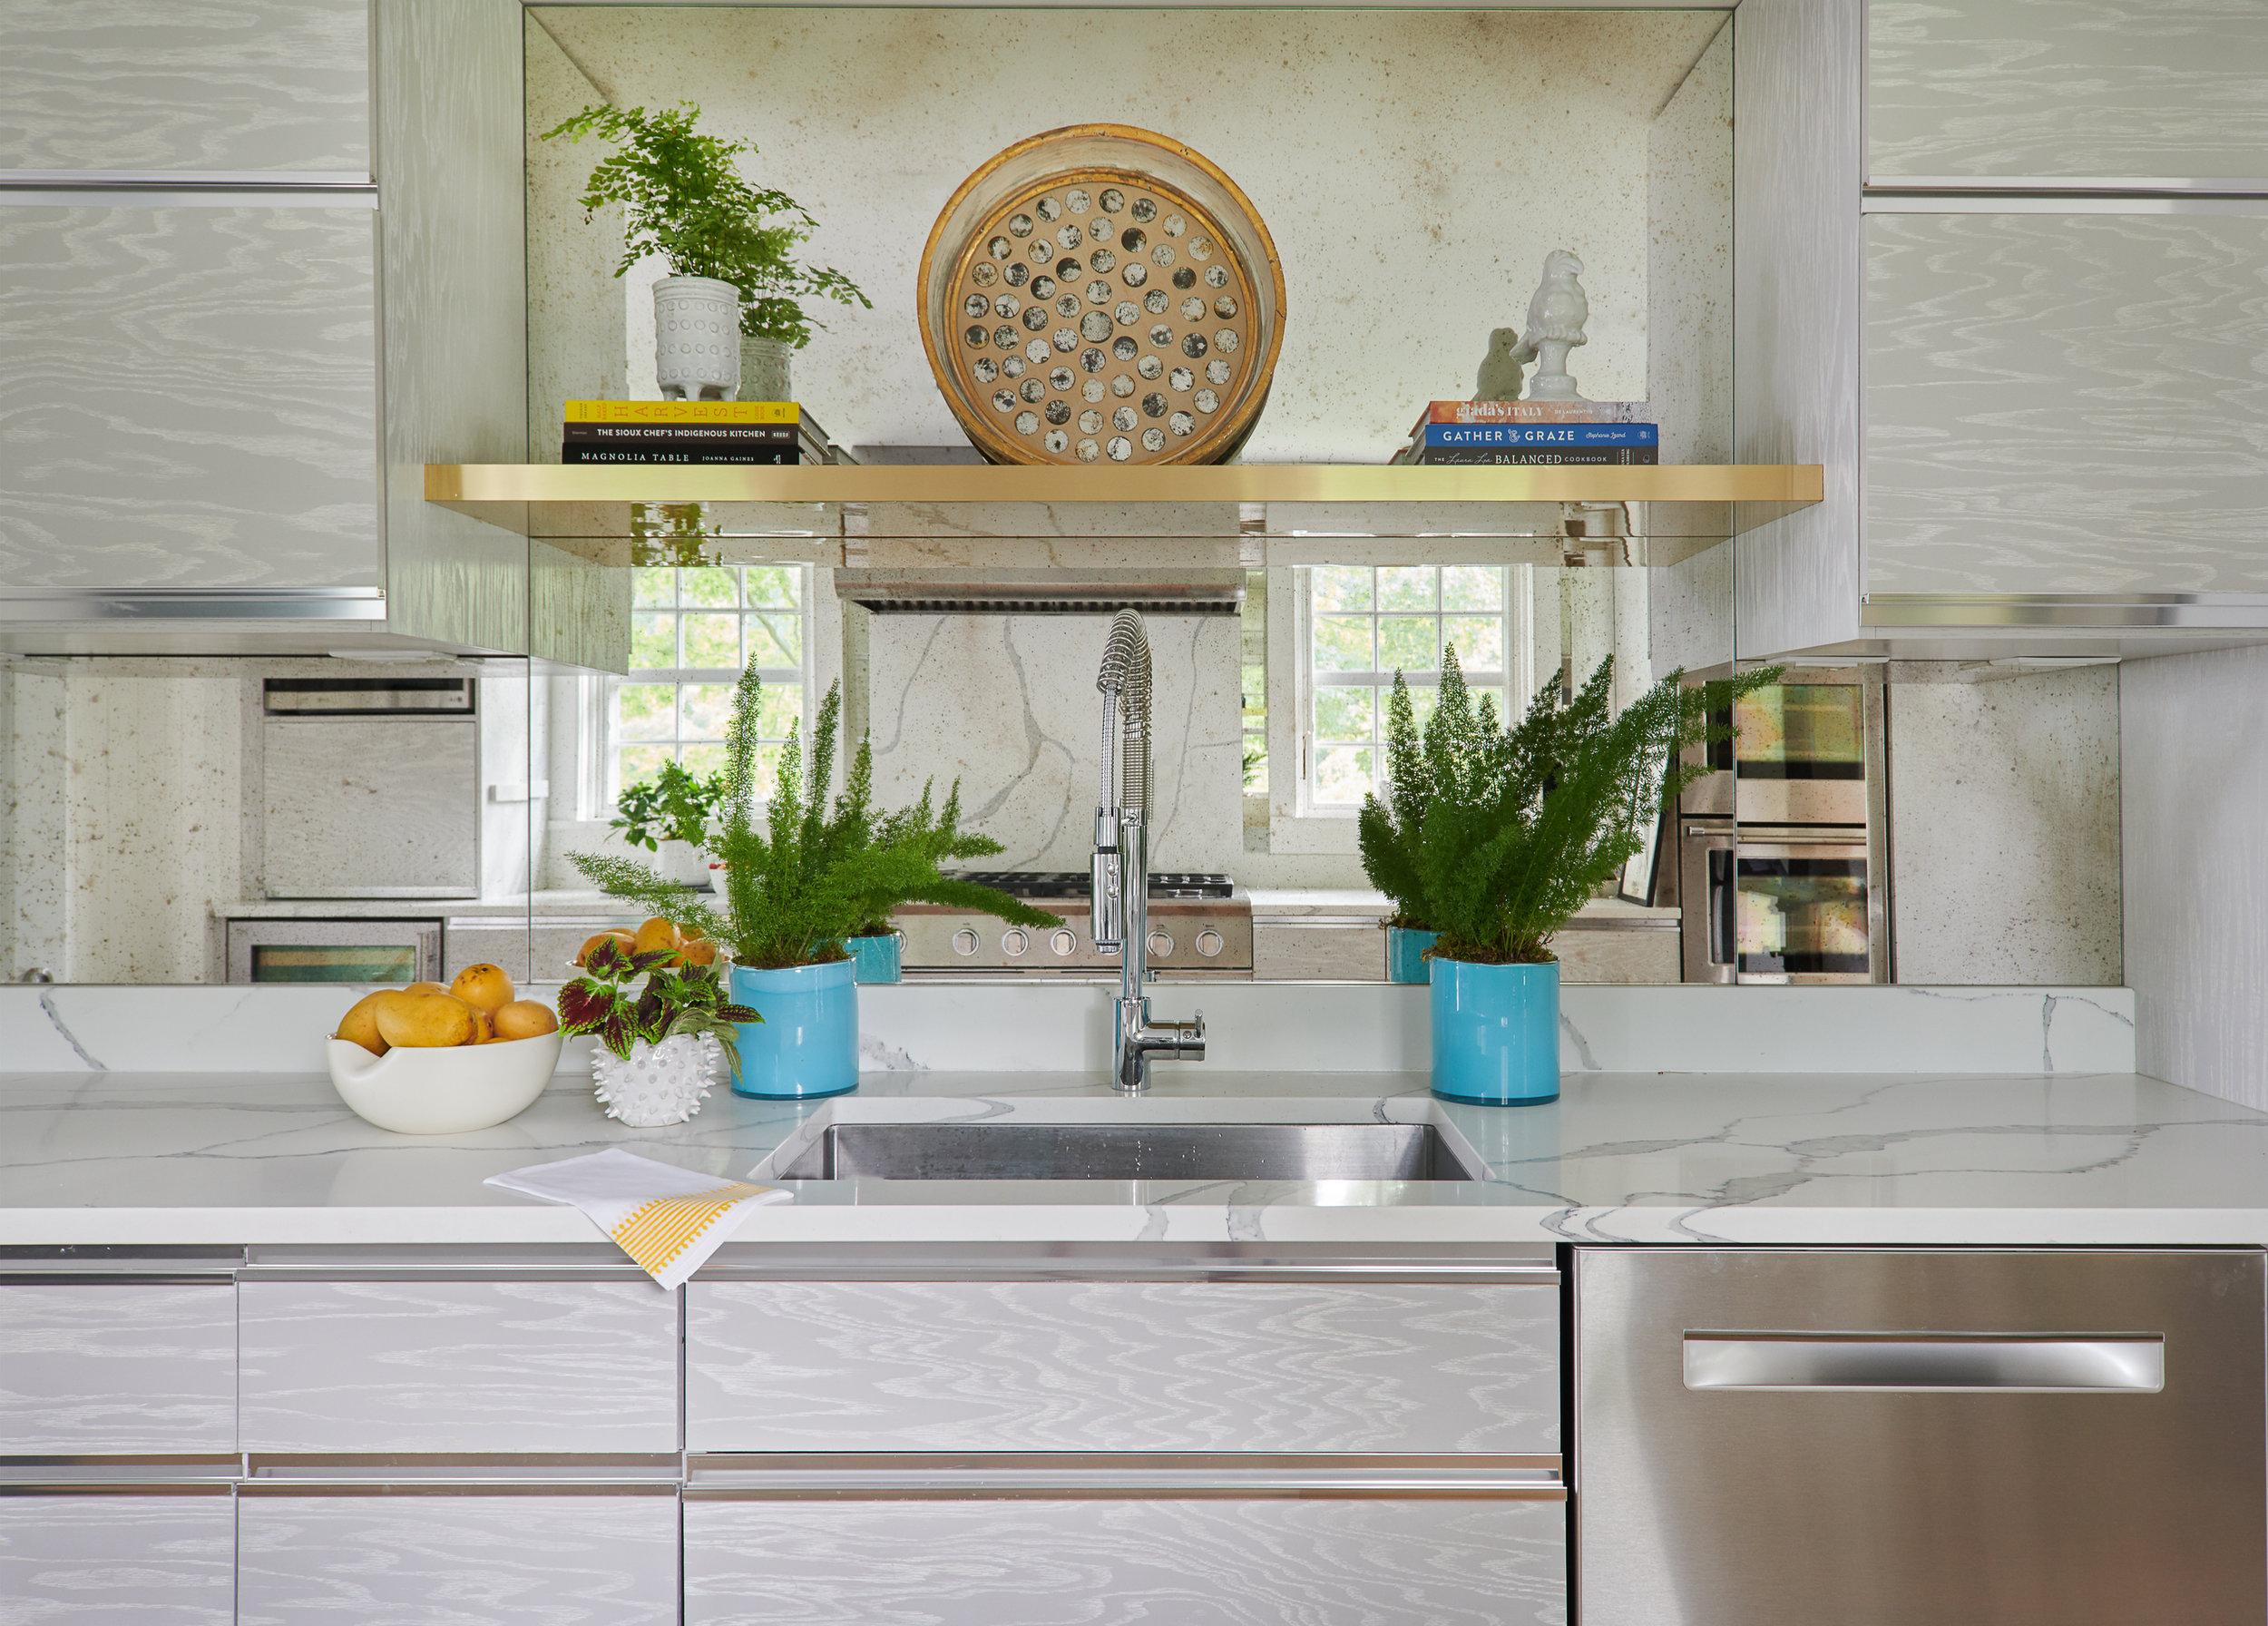 Lyon-Field-design-interior-design-kitchen-©Jane Beiles-18084639.jpg